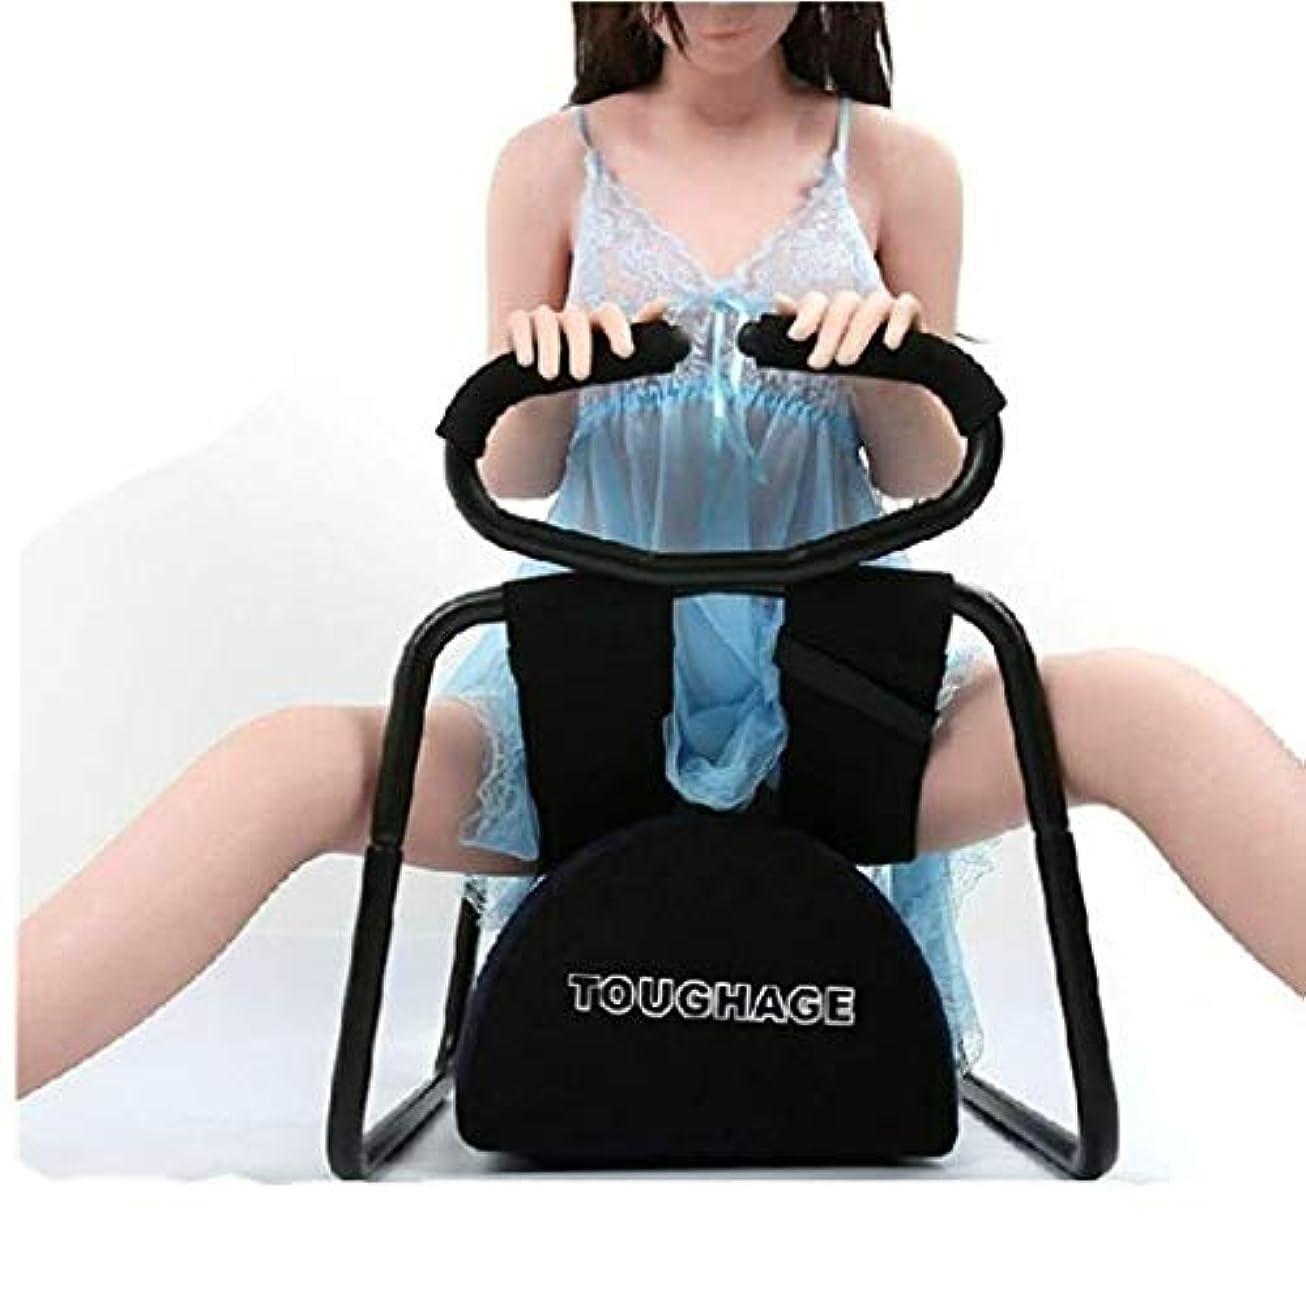 パノラマ落ち着かないキャンディーRisareyi 多機能椅子、弾性ハーネスベルト椅子、セックスシート、カップルのためのステンレス鋼の椅子を探検、ボディゲーム